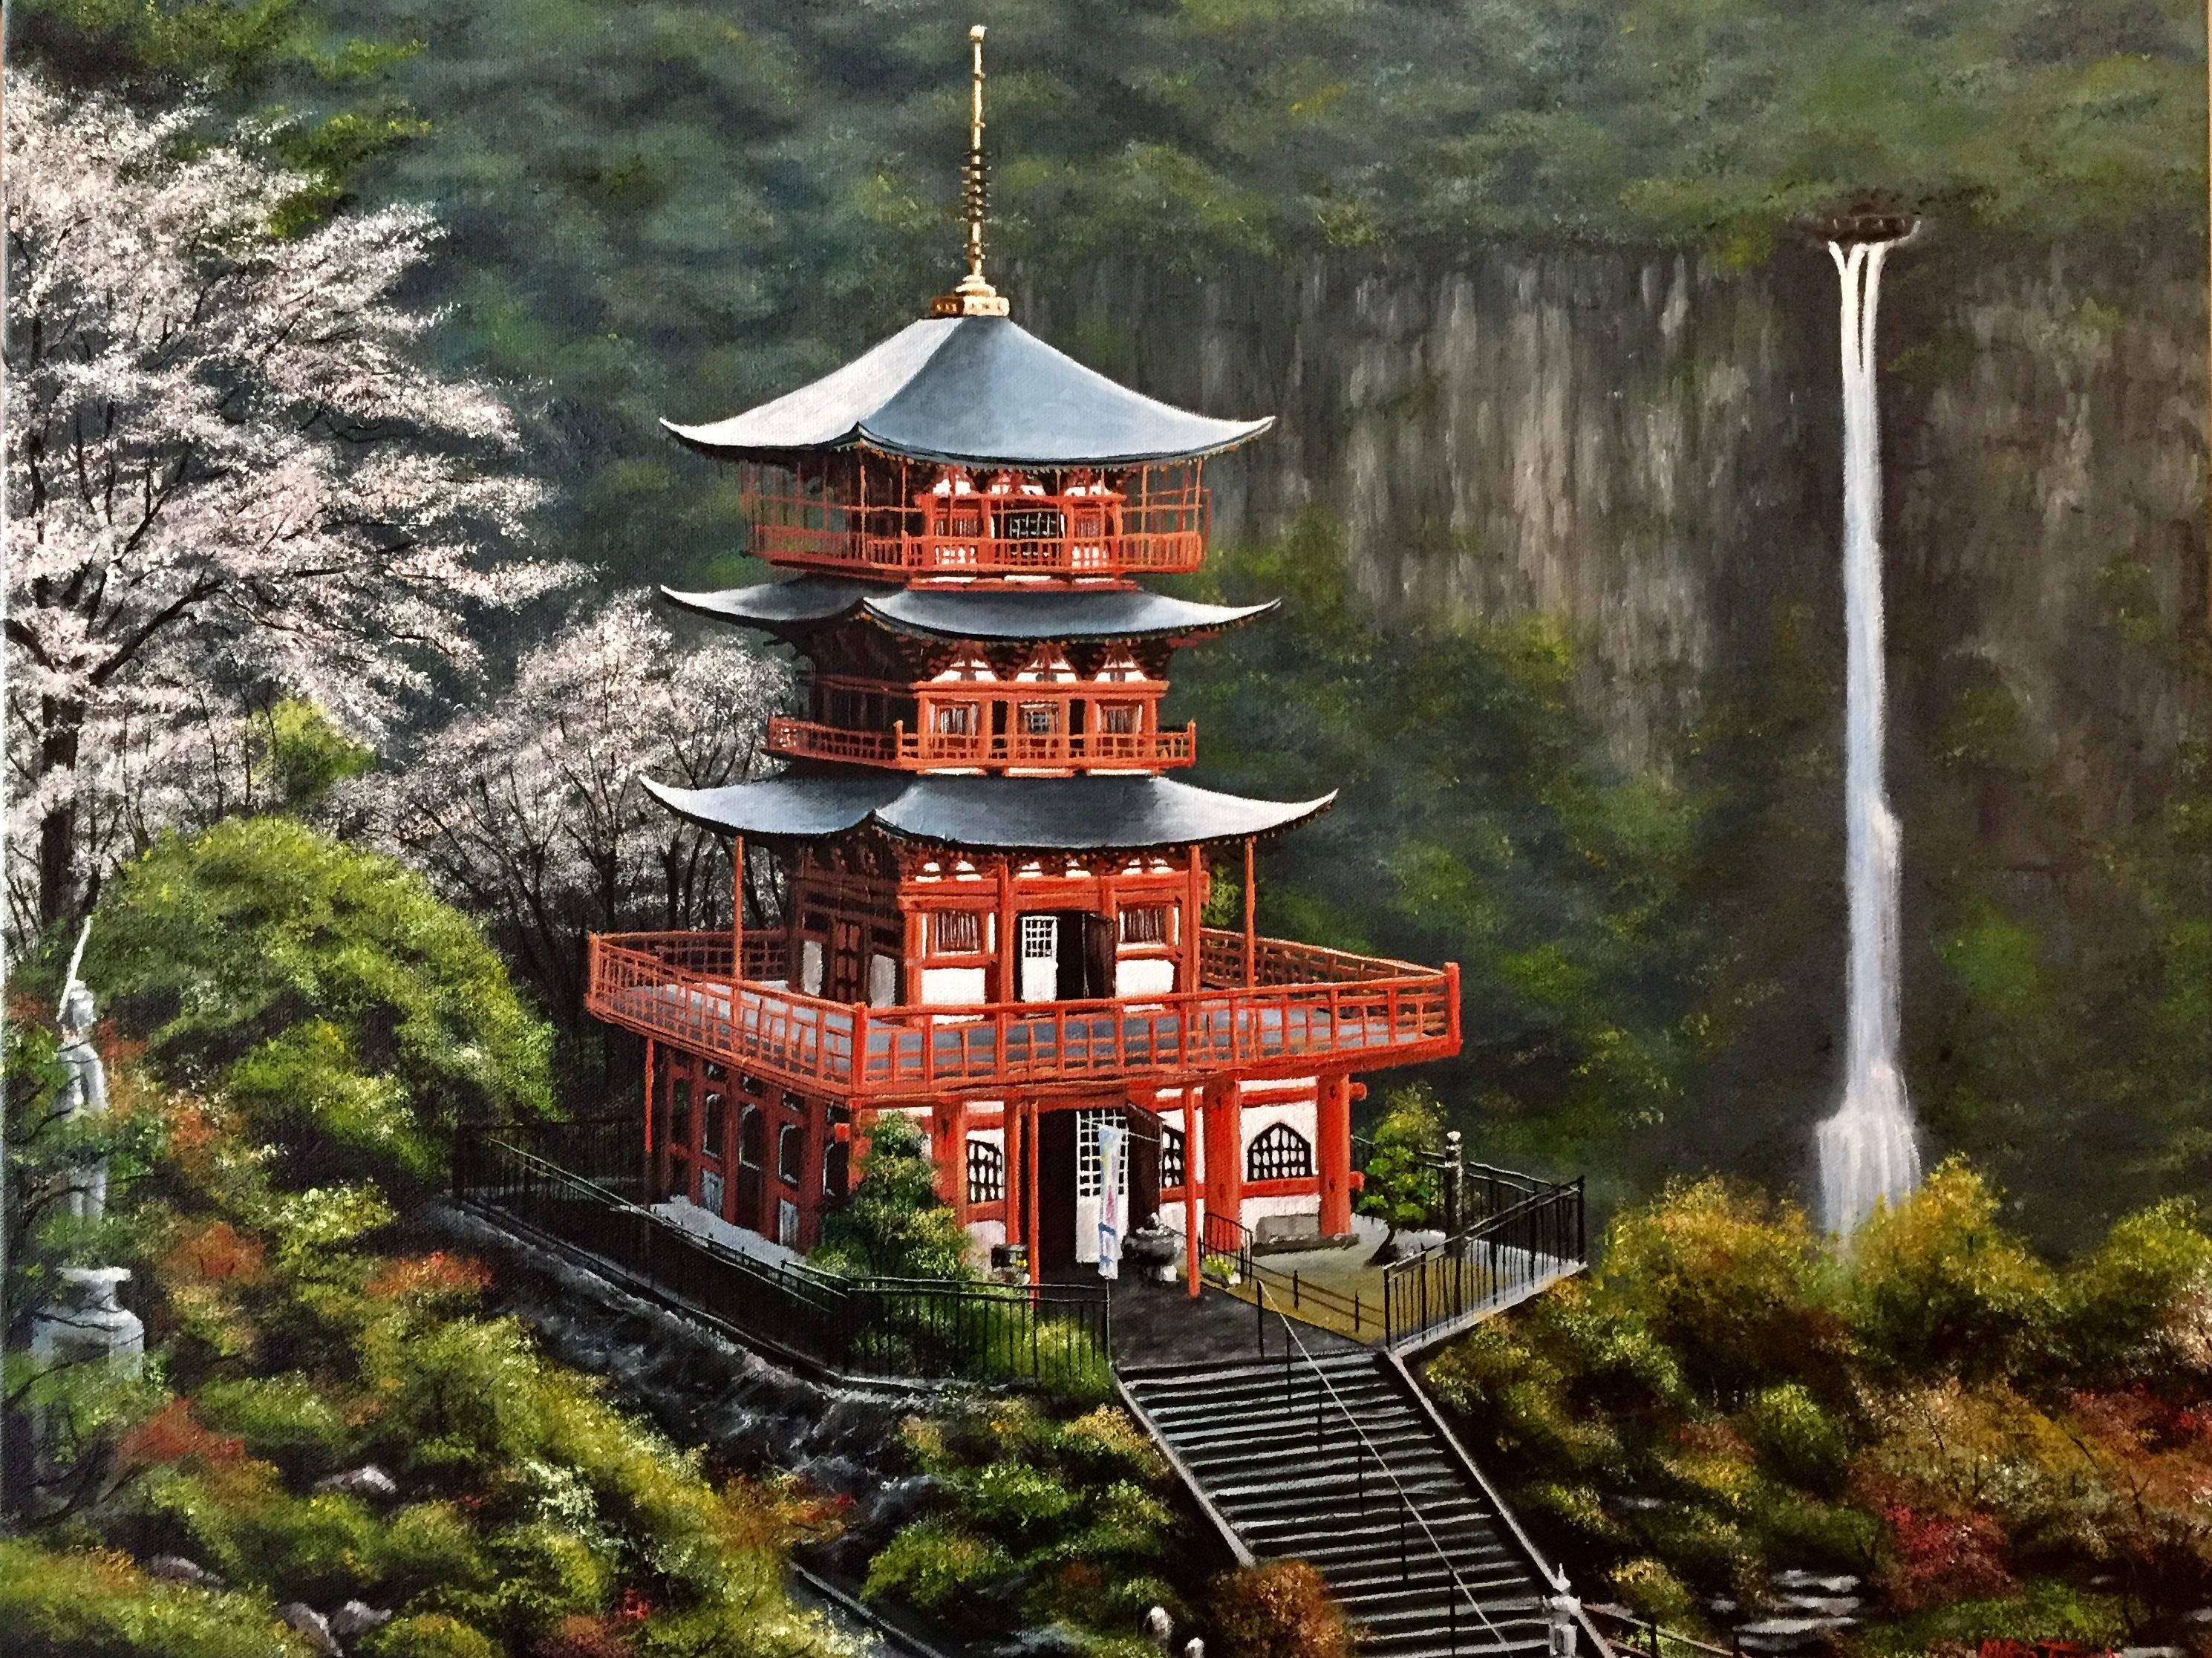 Samurai Pagoda